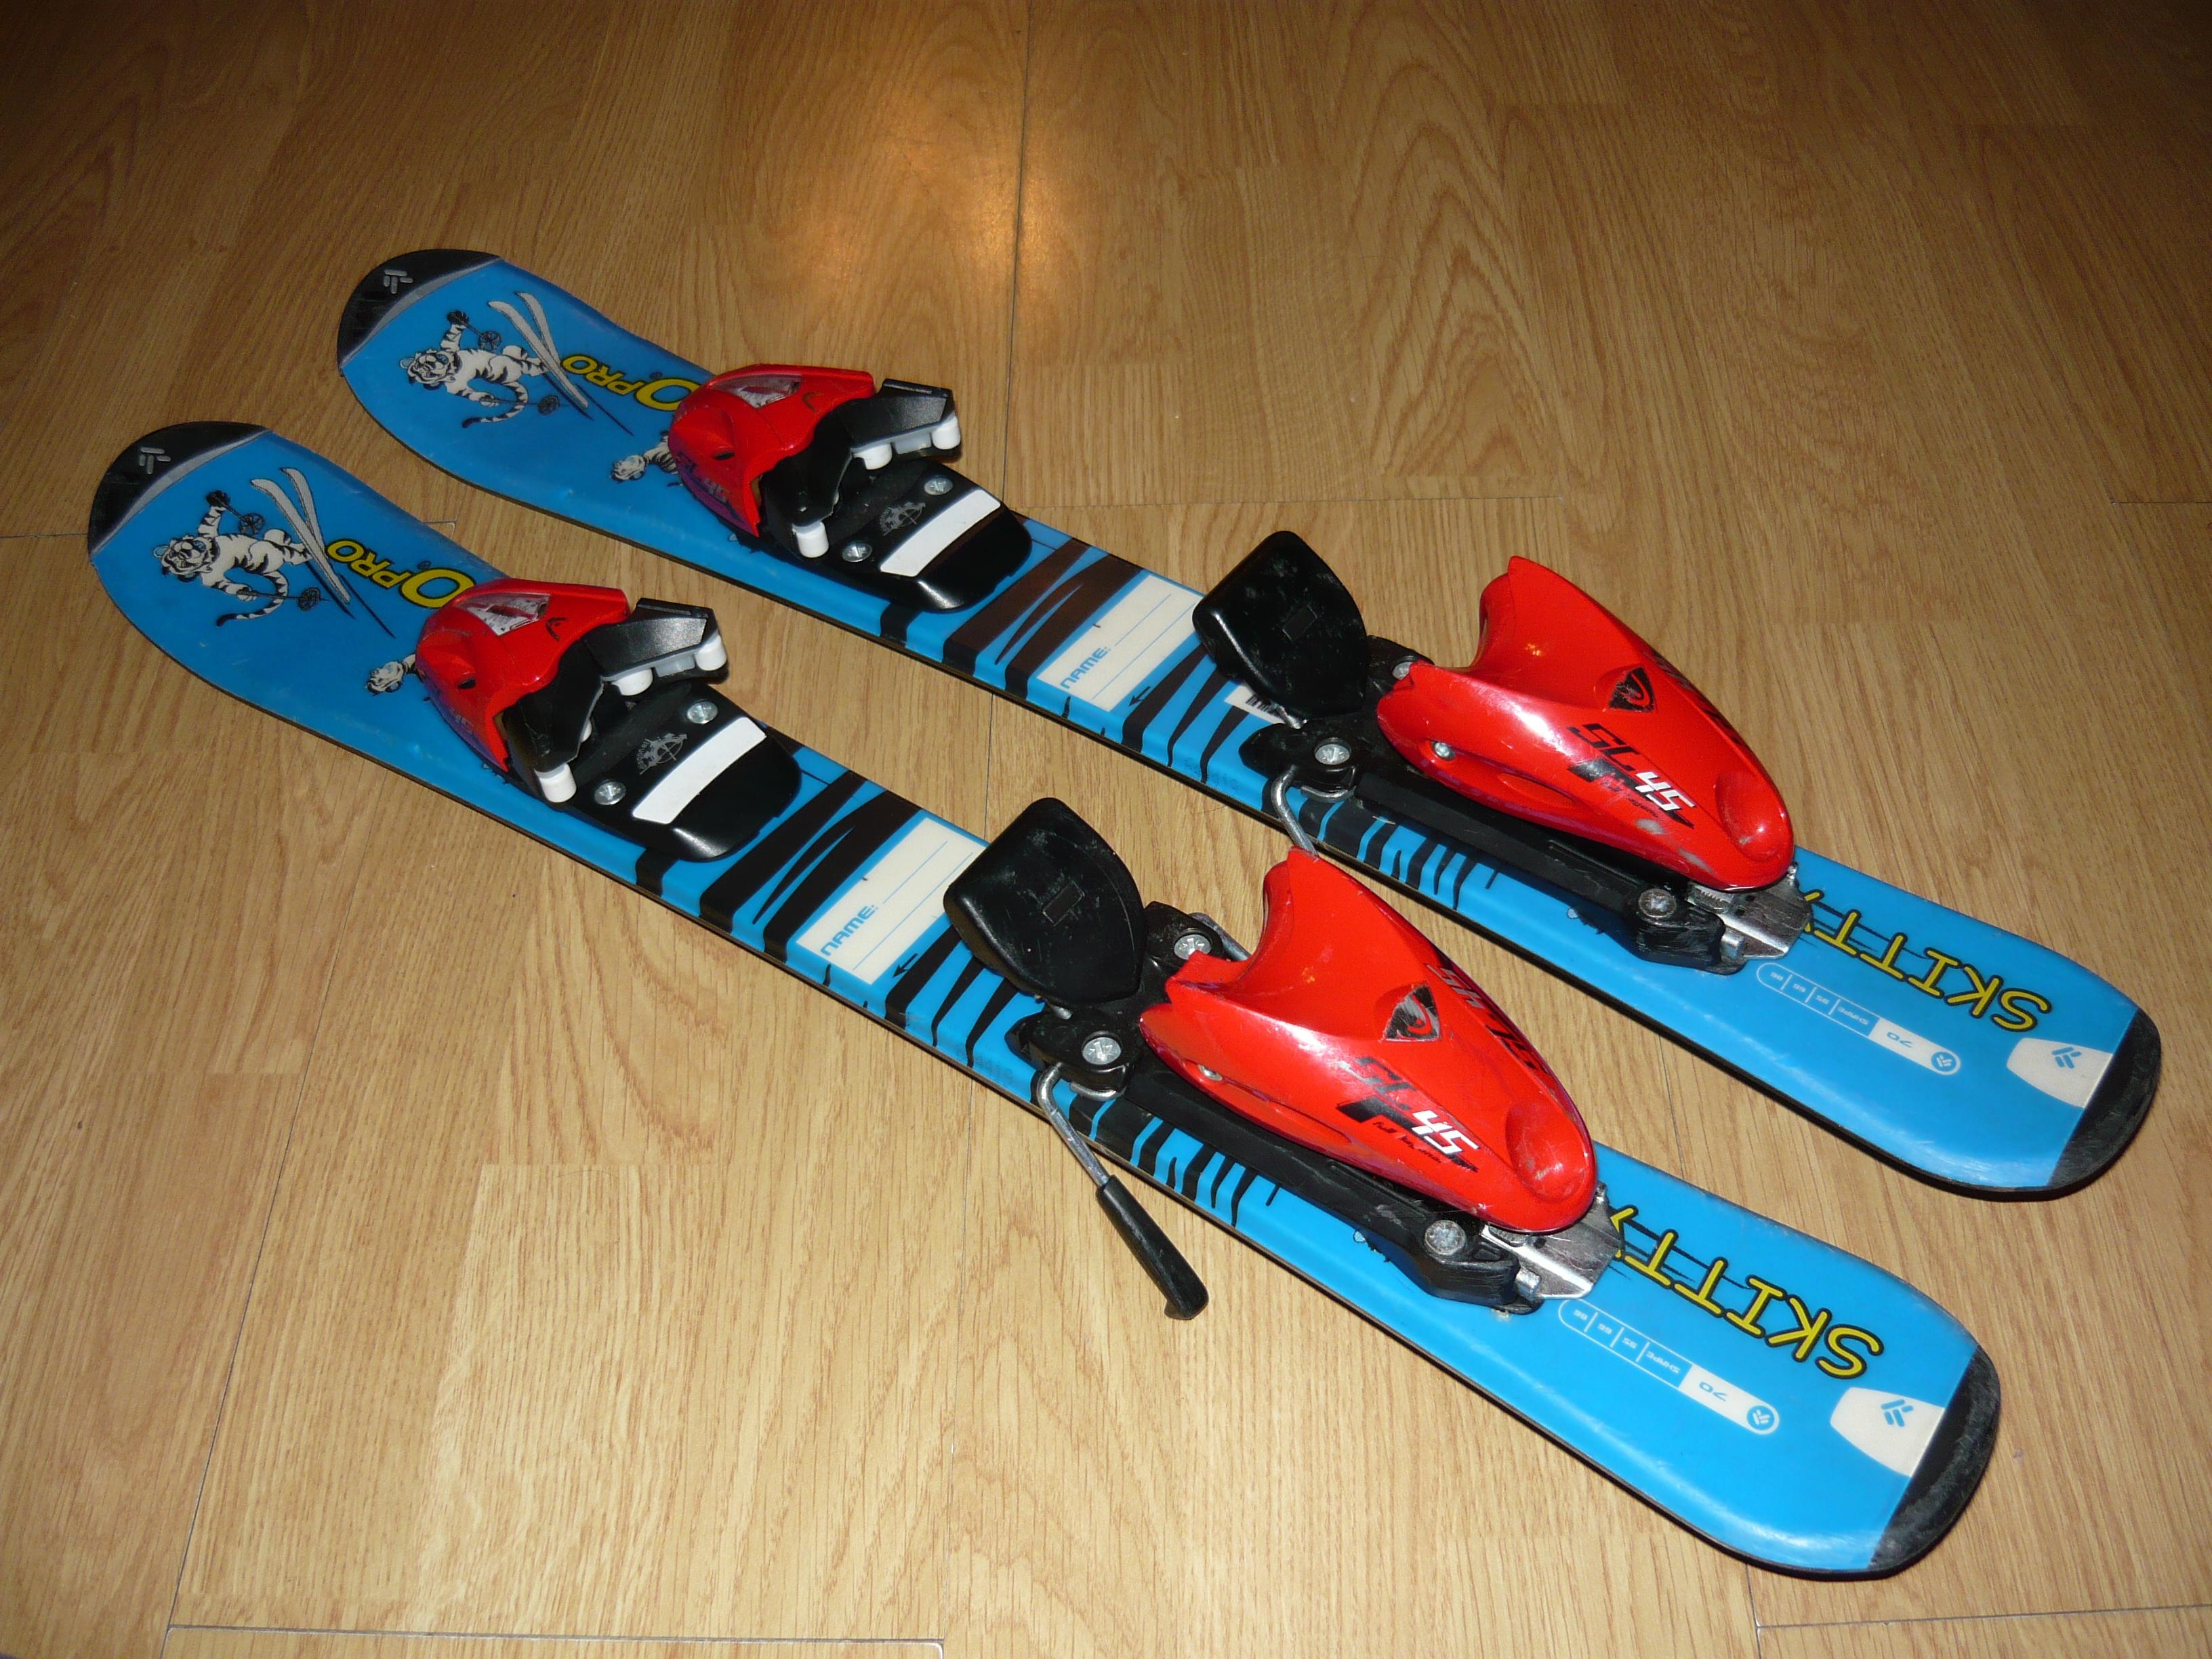 Dětské carvingové lyže Tecno Pro Skitty 70cm - Bazar - SNOW.CZ 27ac4e8e102